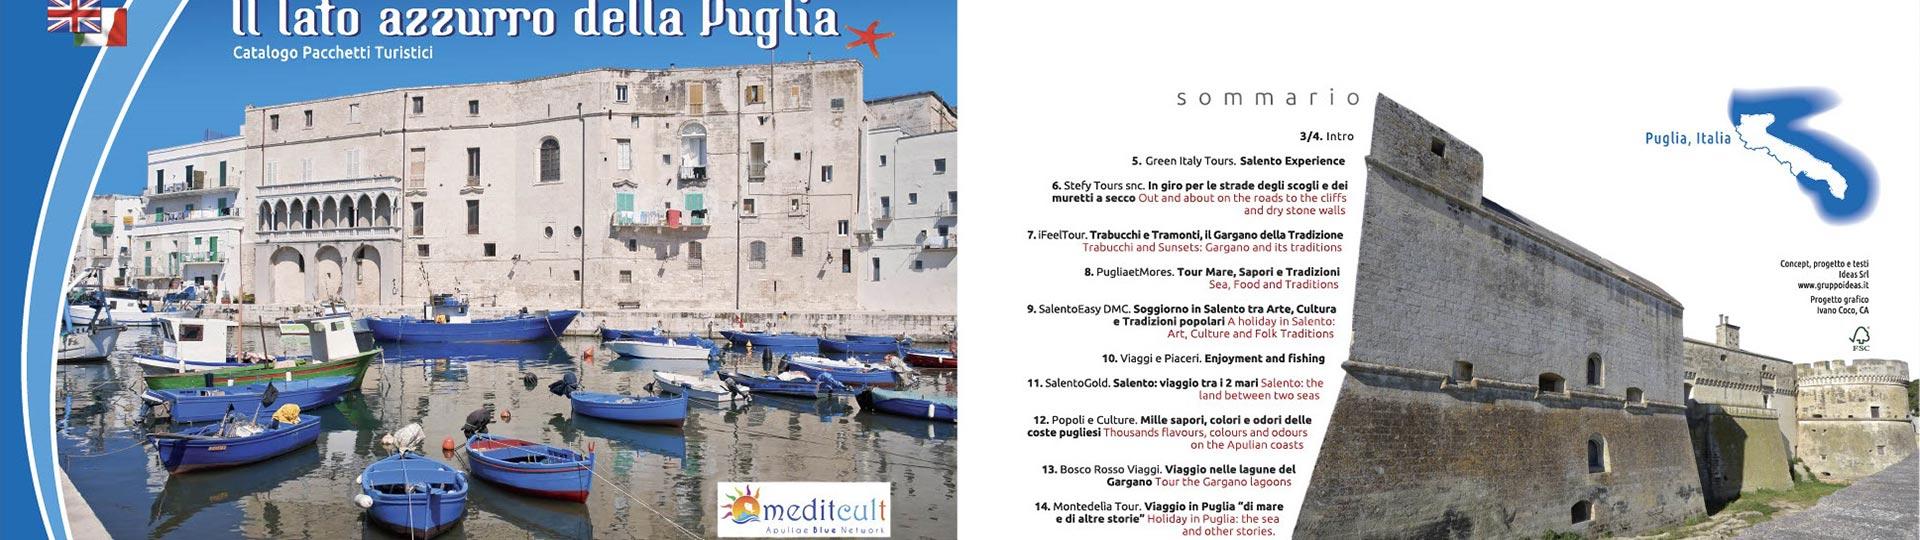 Catalogo pacchetti turistici Puglia